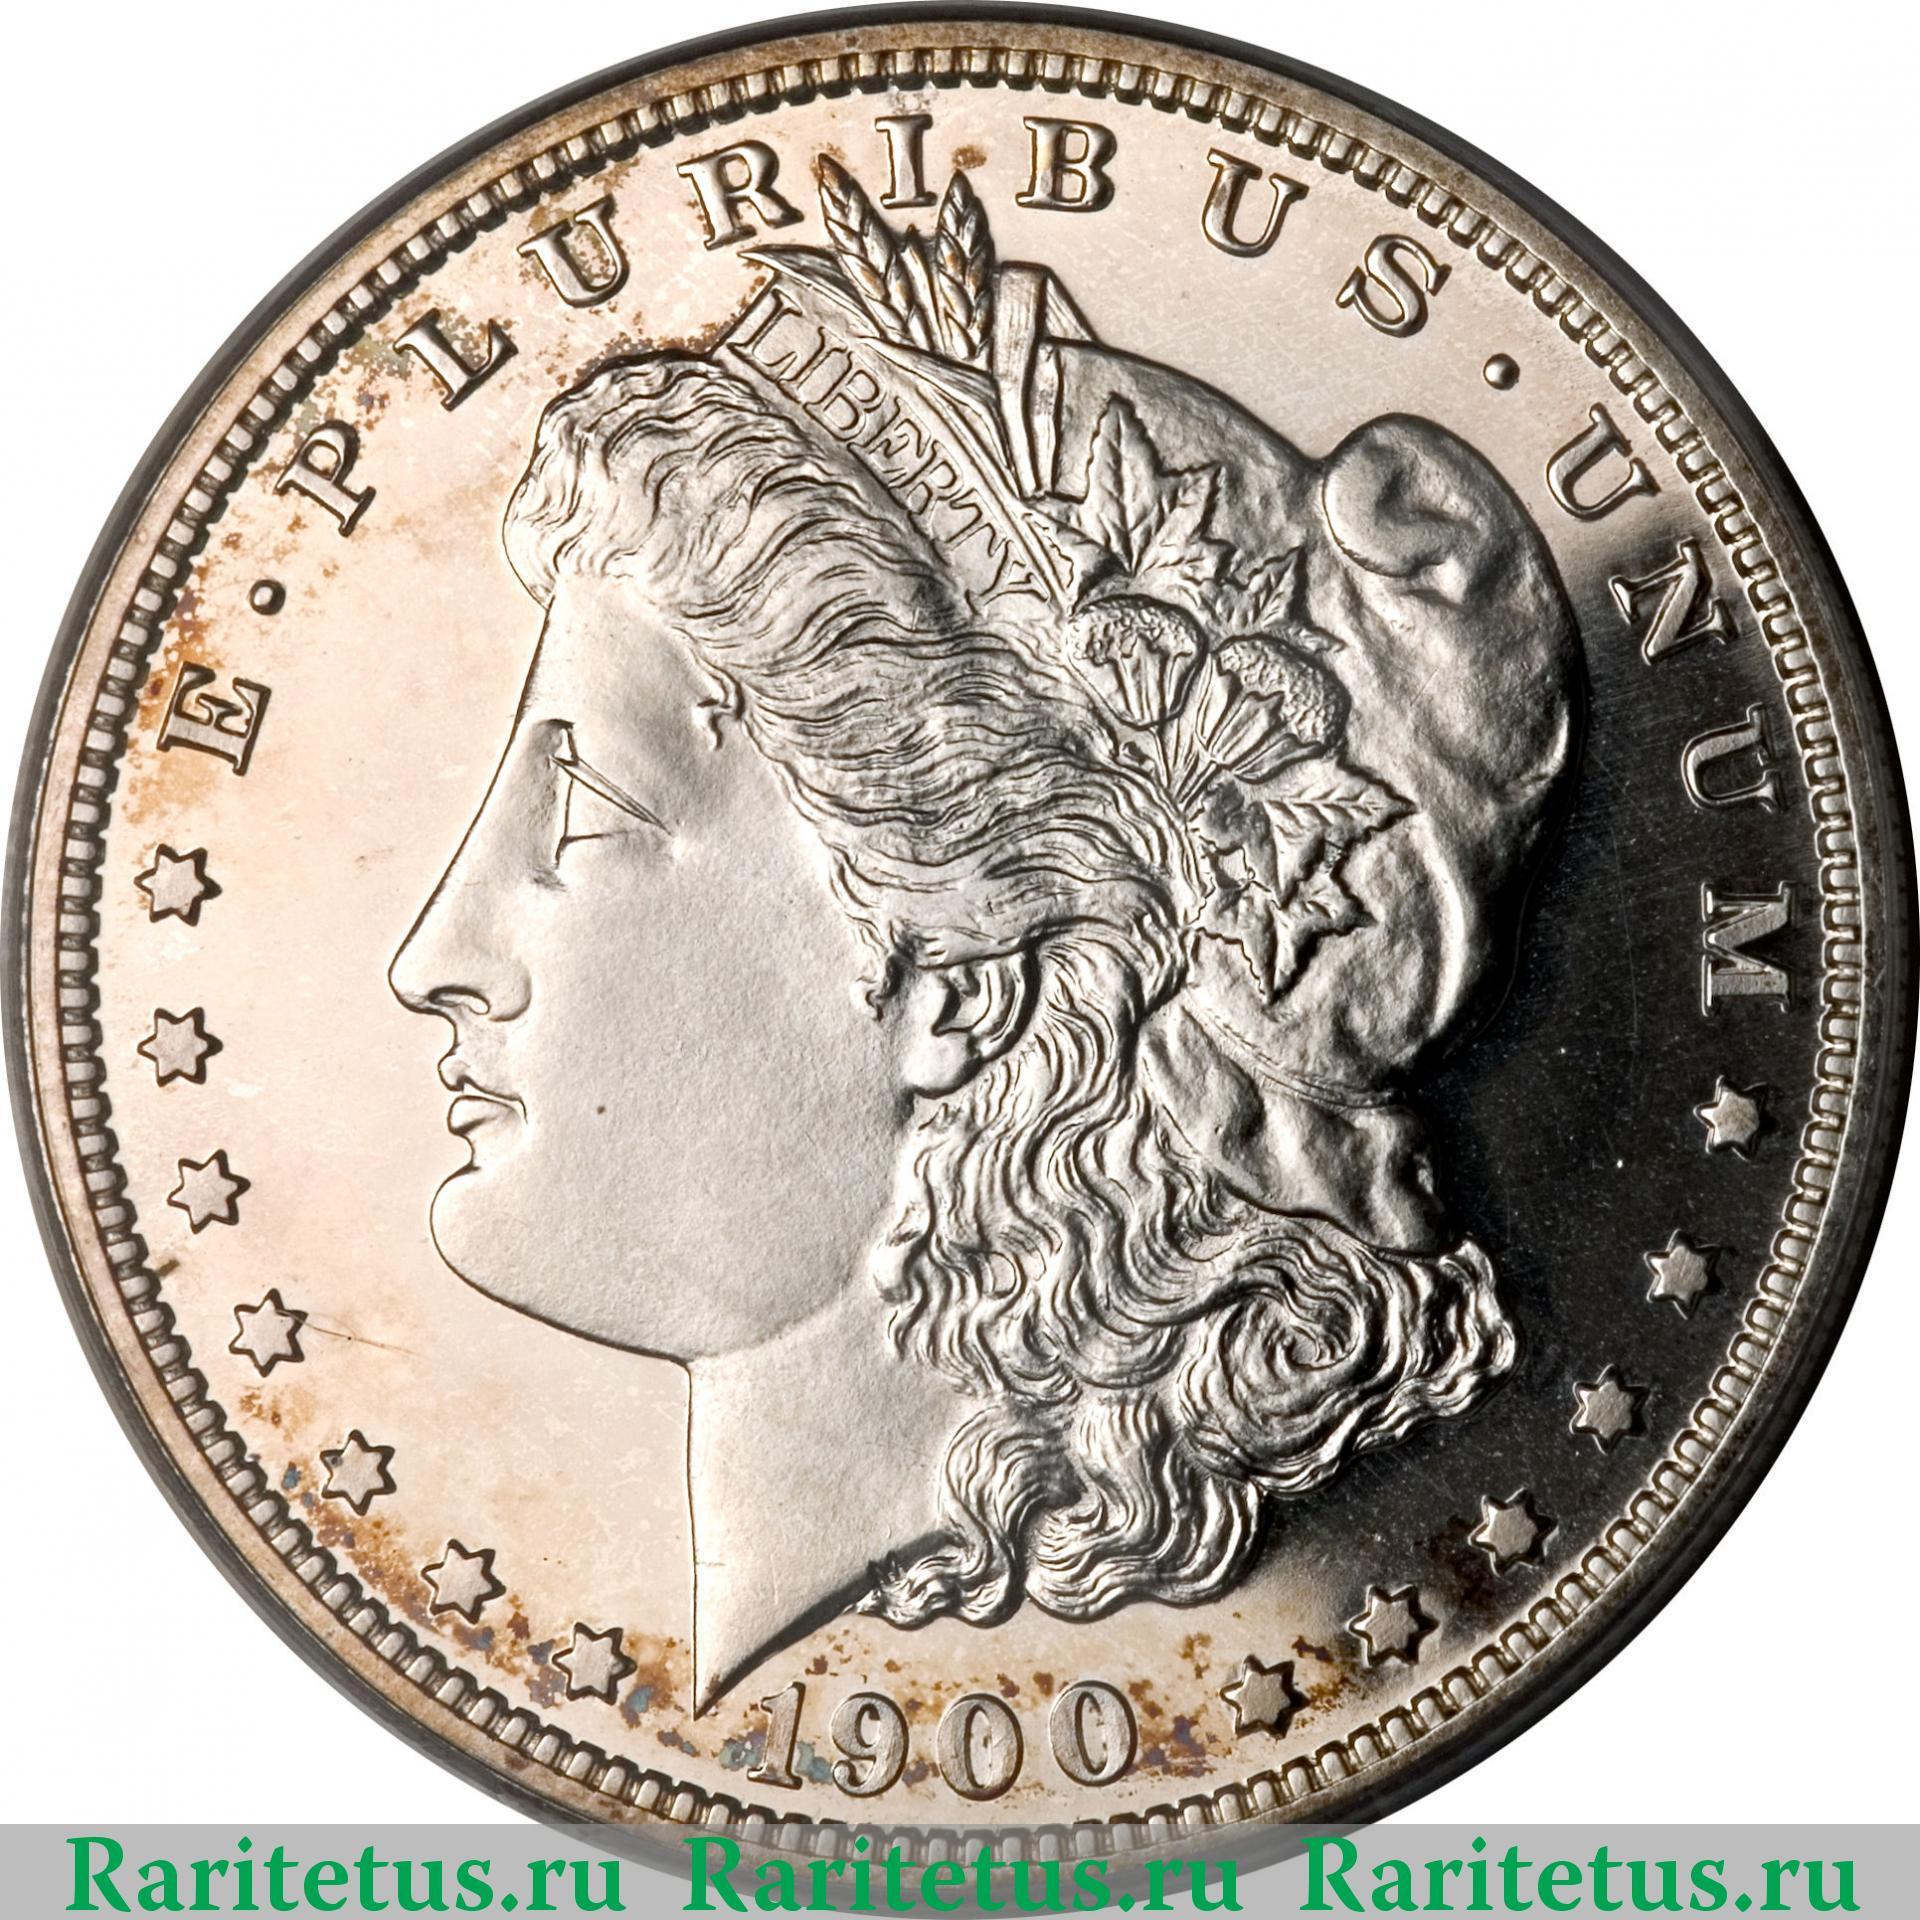 1 доллар сша 2001 года серебро описание сколько стоит 10 копеек ссср 1991 года